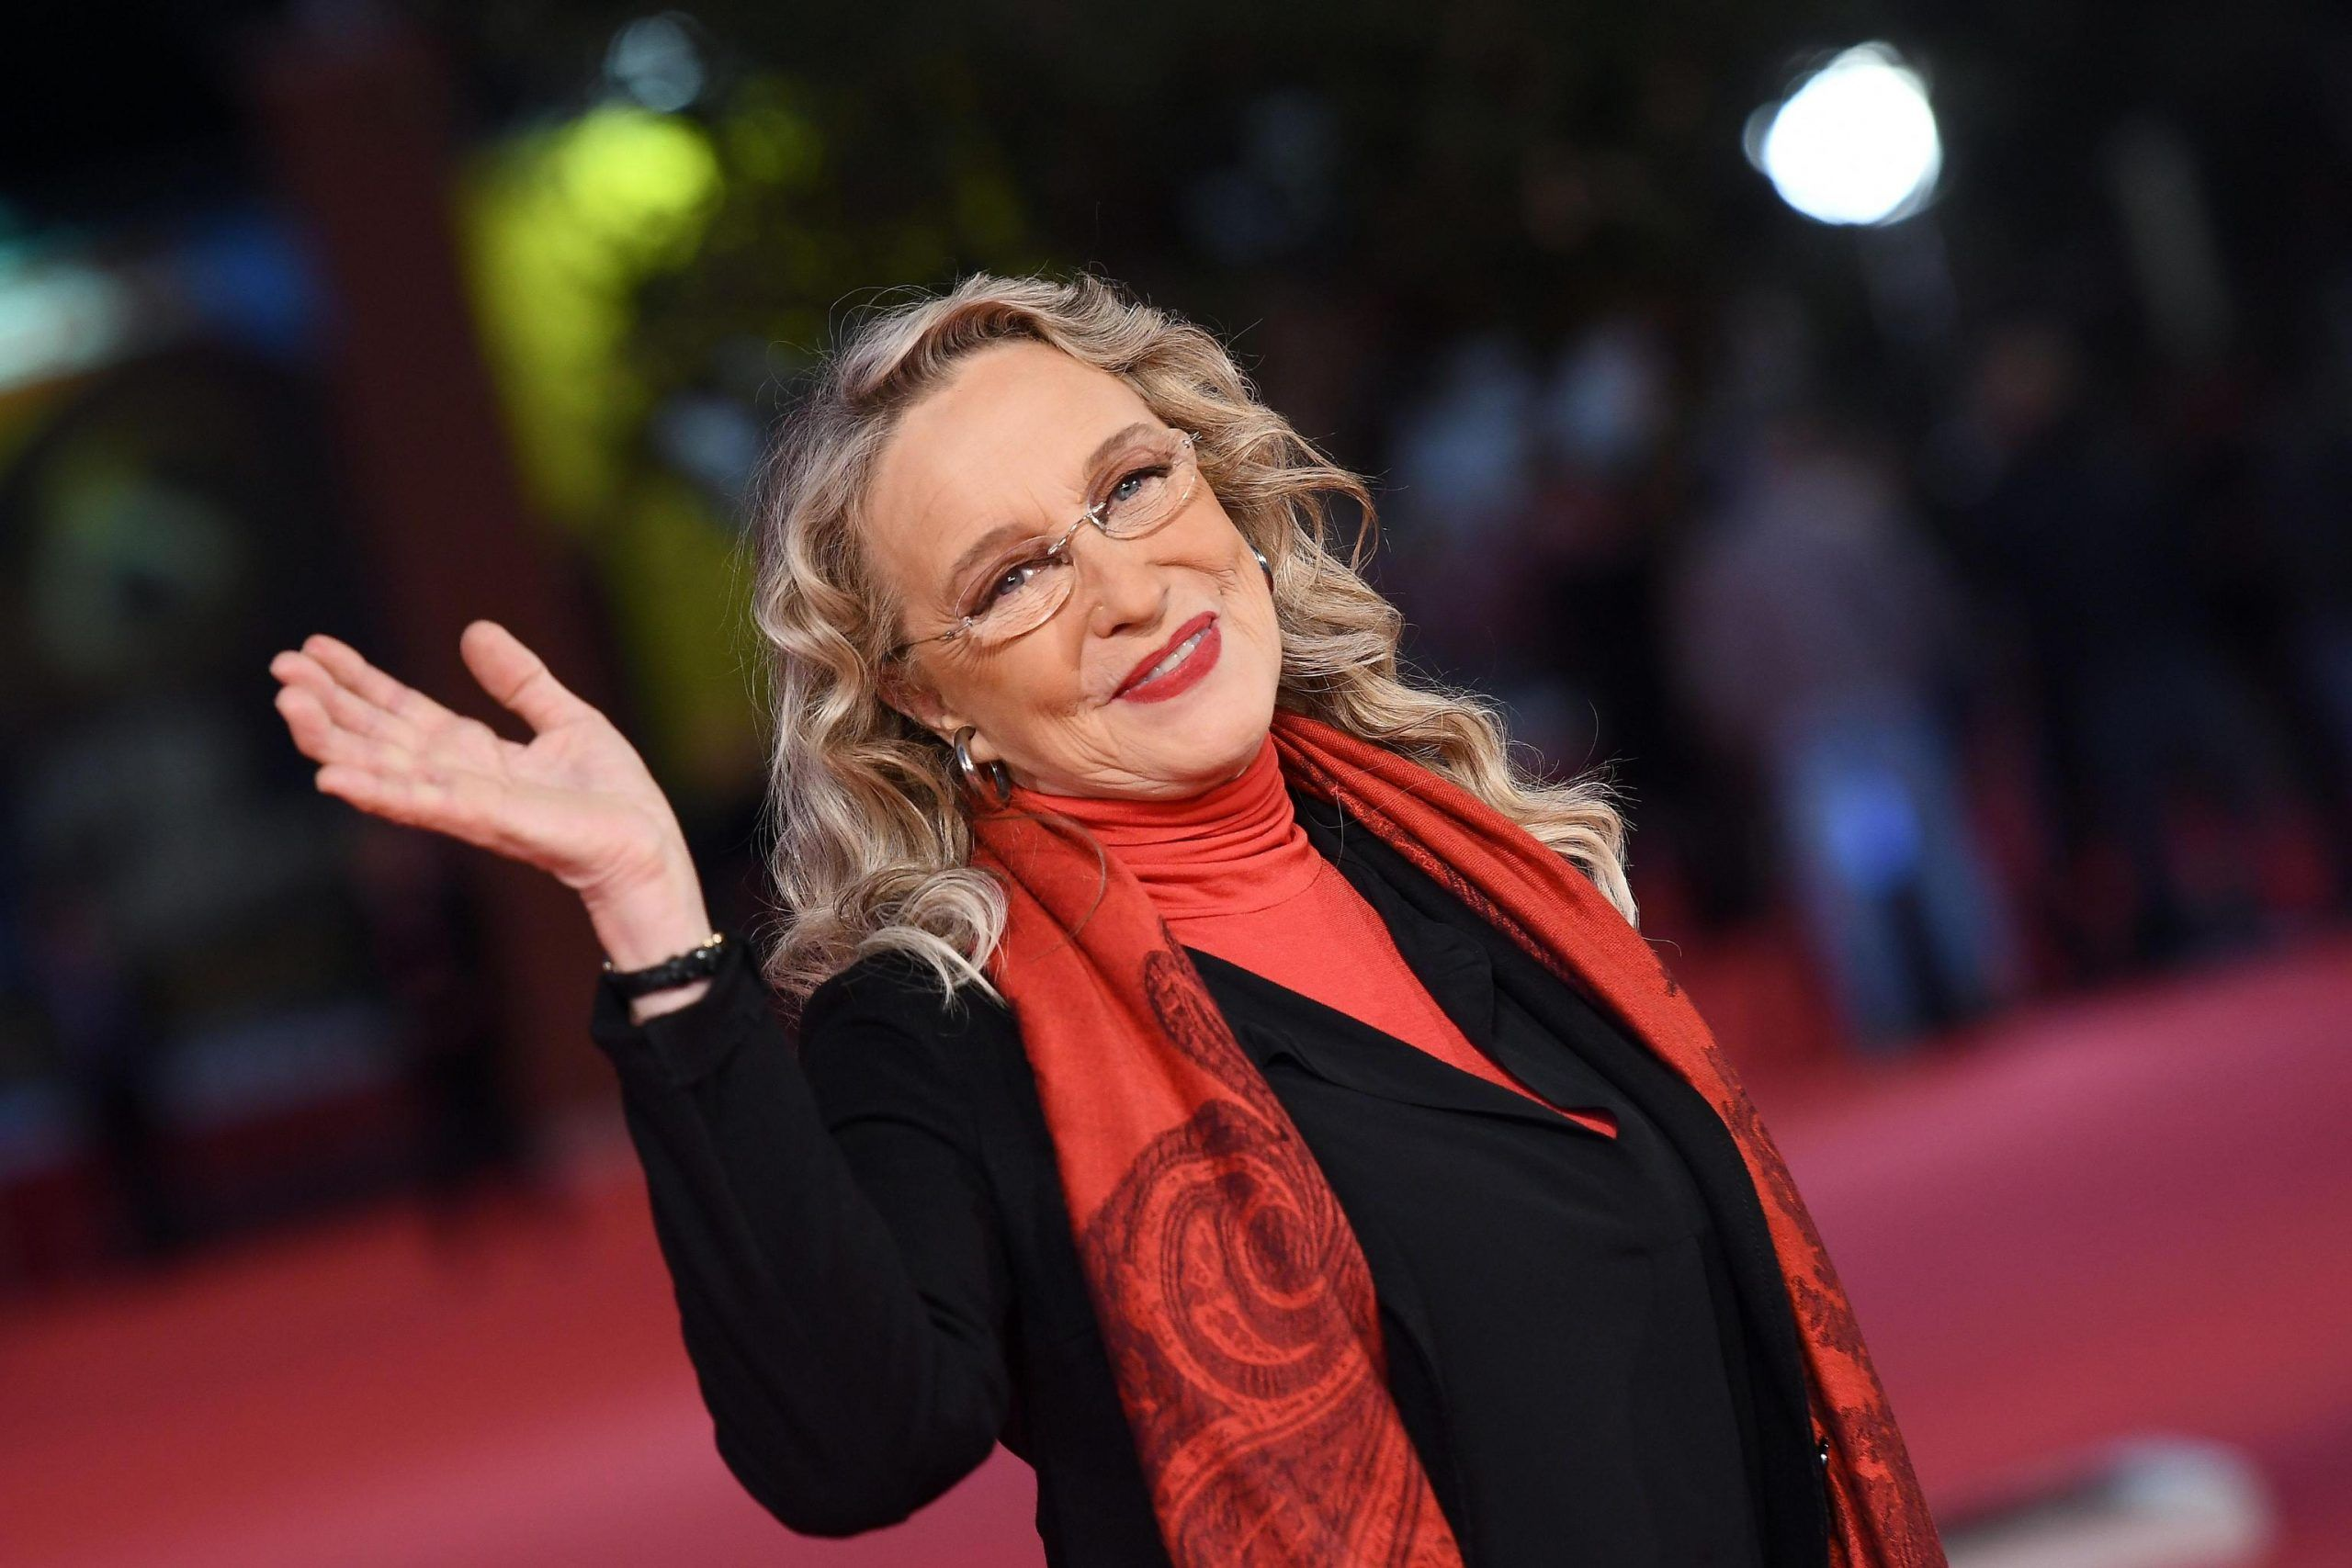 Gf Vip 3, Eleonora Giorgi offende Benedetta Mazza: 'Ha un cu*** enorme'. I fan insorgono